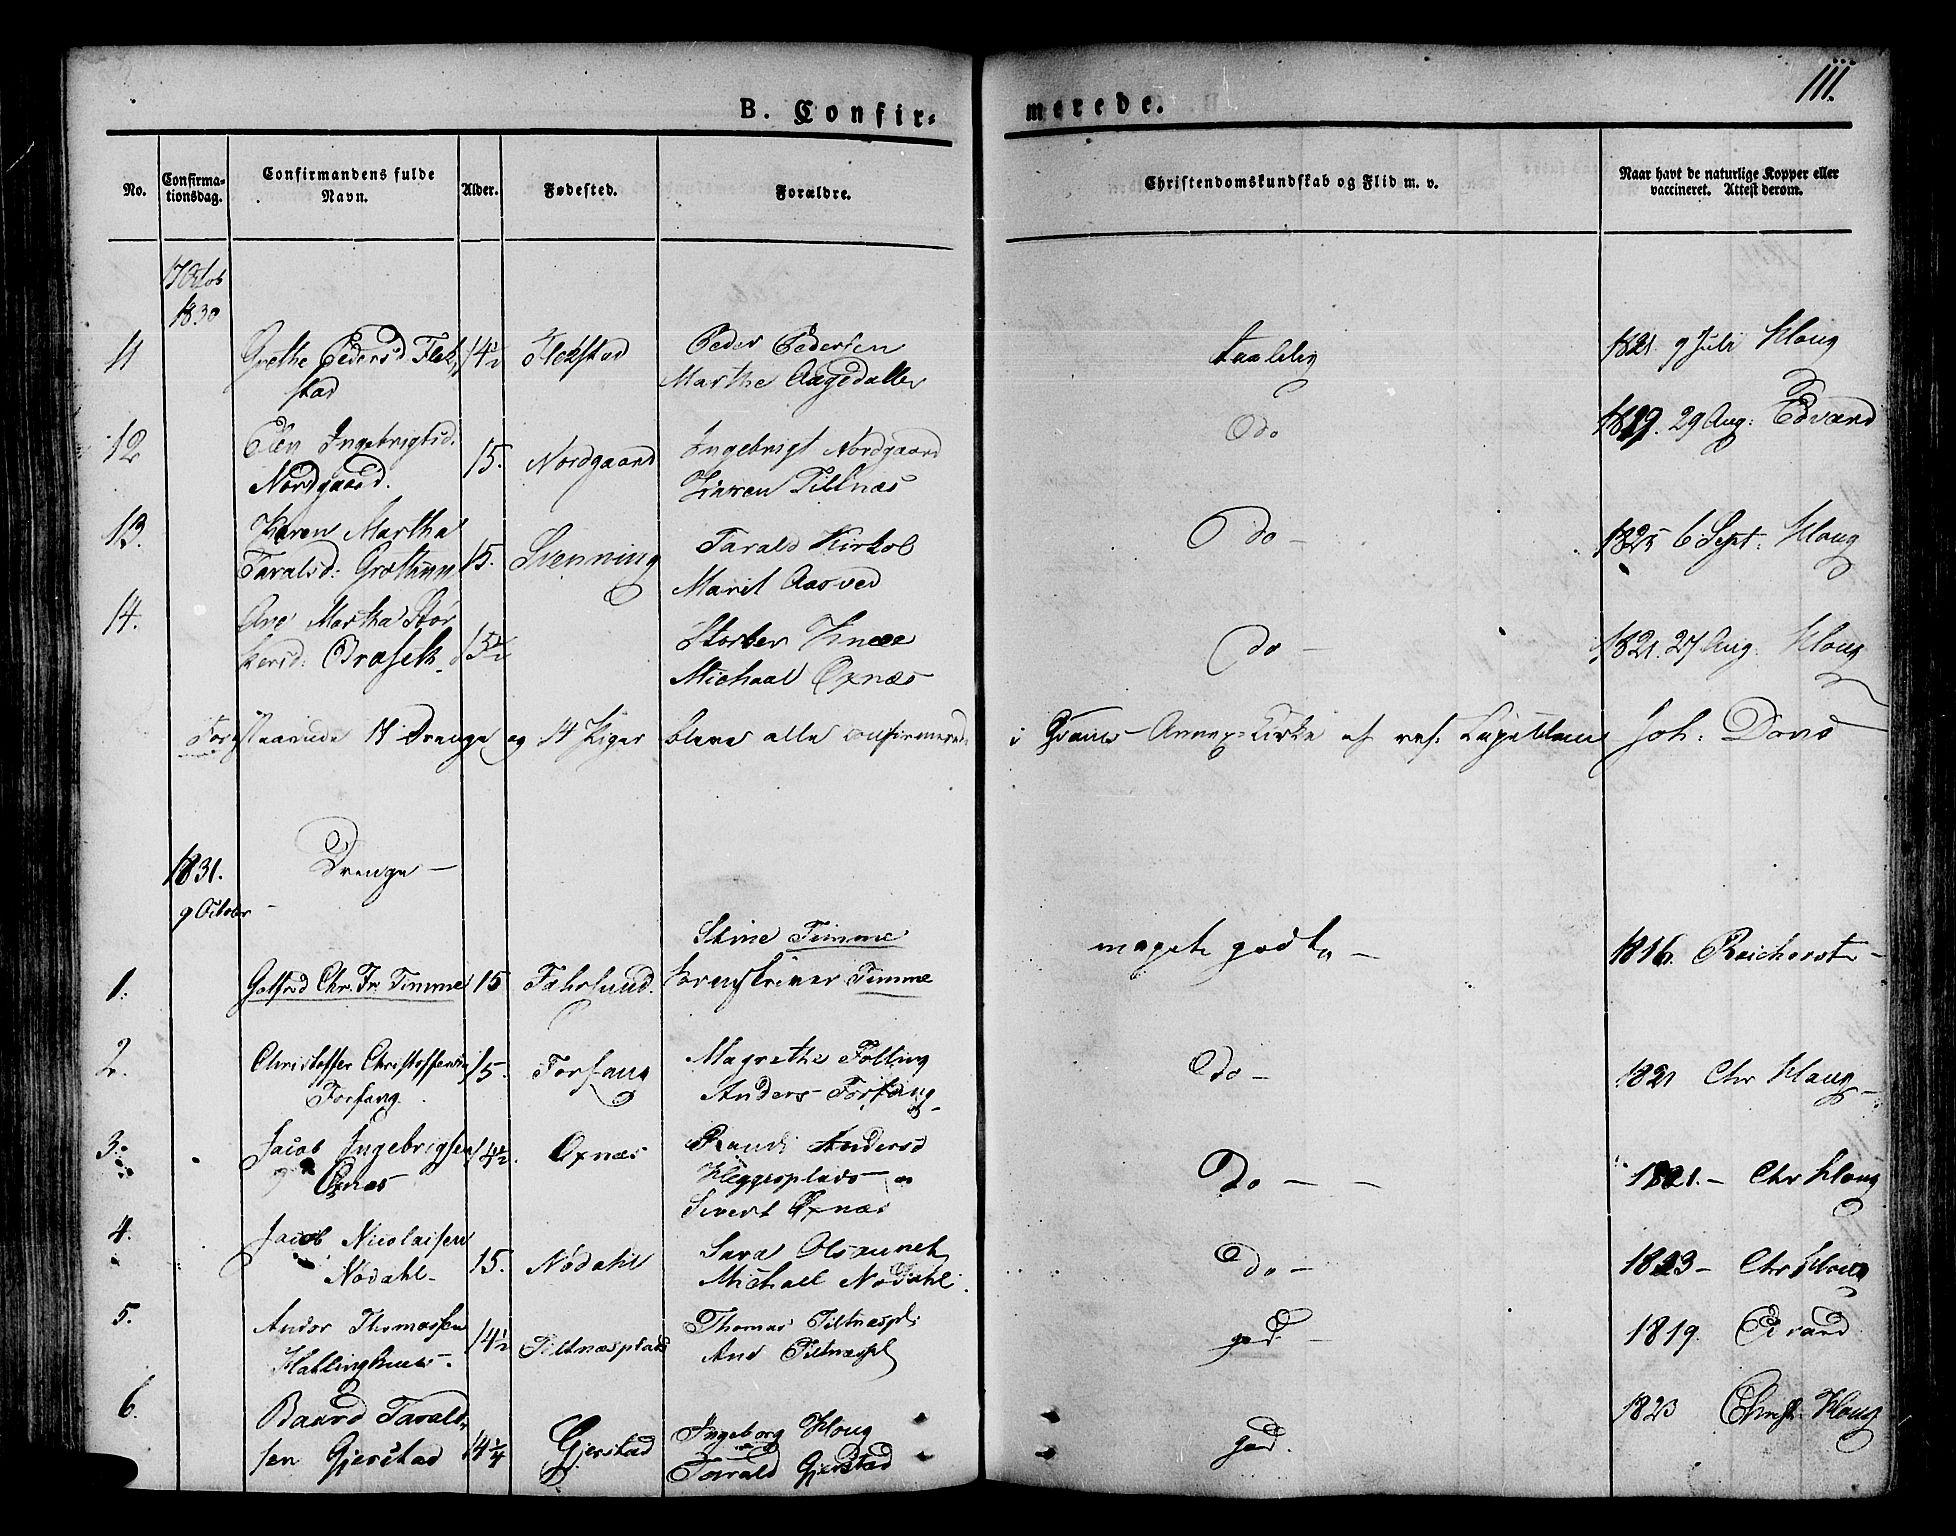 SAT, Ministerialprotokoller, klokkerbøker og fødselsregistre - Nord-Trøndelag, 746/L0445: Ministerialbok nr. 746A04, 1826-1846, s. 111